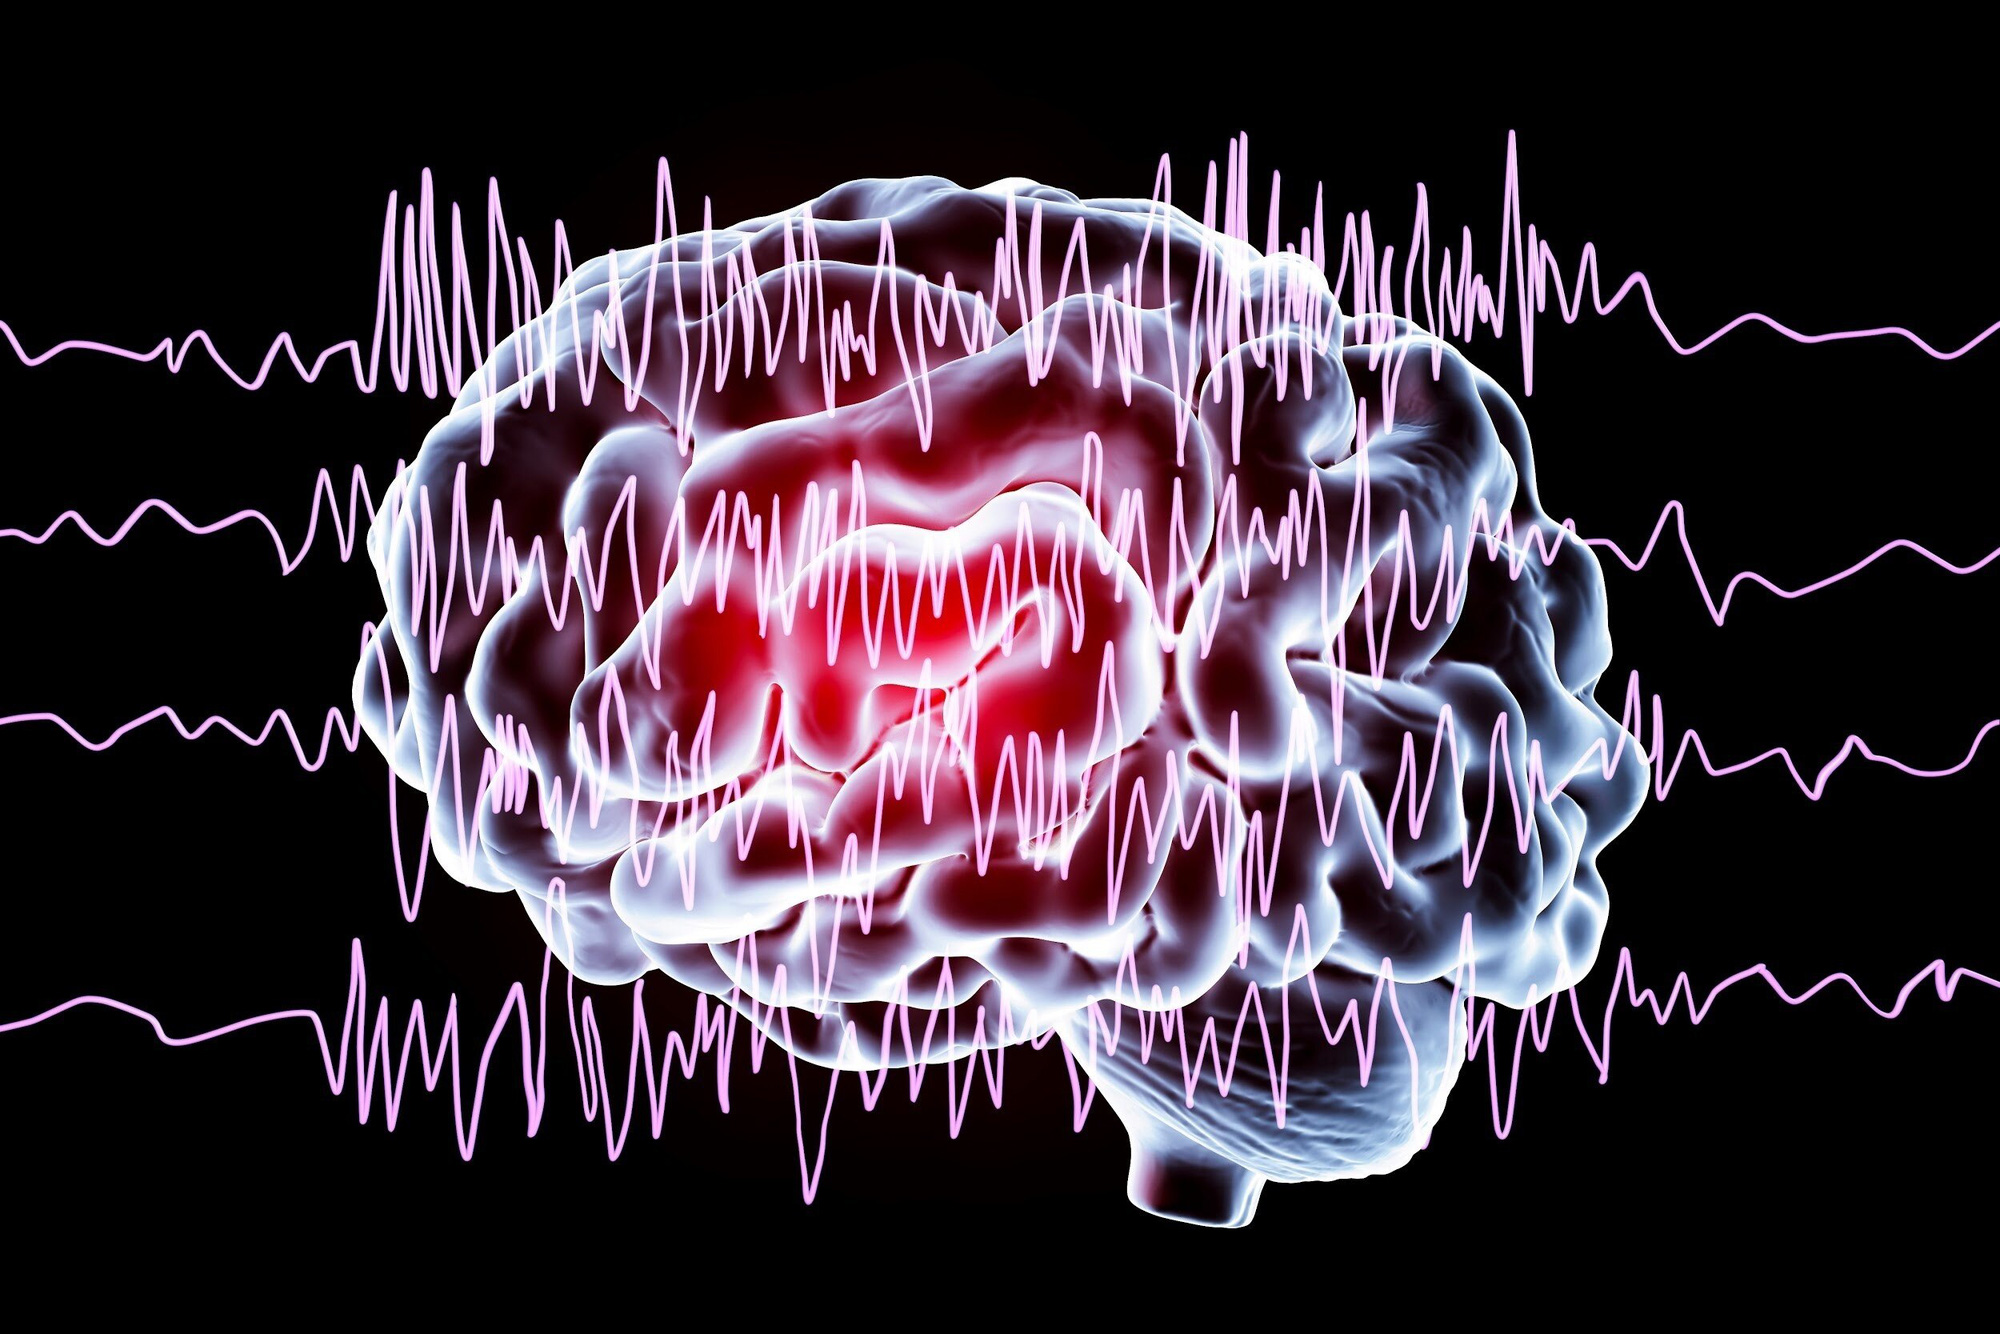 Bệnh động kinh là một bệnh lý mãn tính xảy ra do sự bất thường trong não bộ.